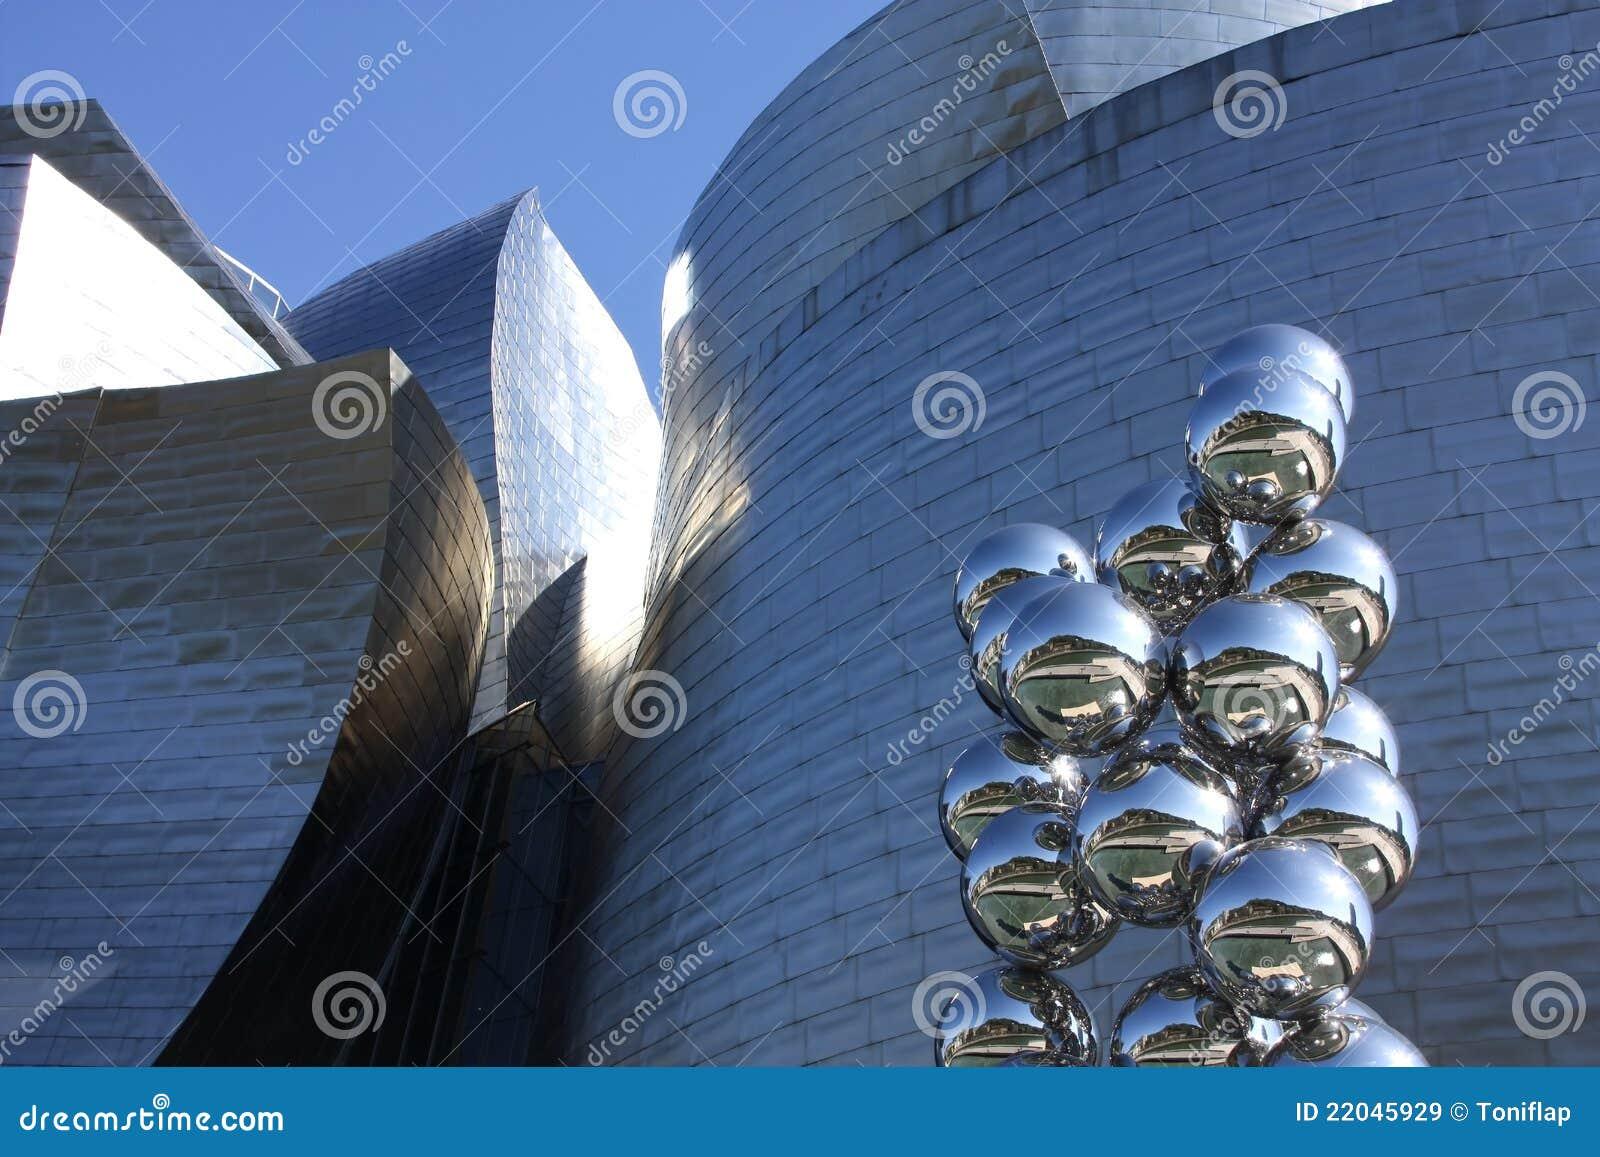 Fachada e escultura moderna, Bilbao